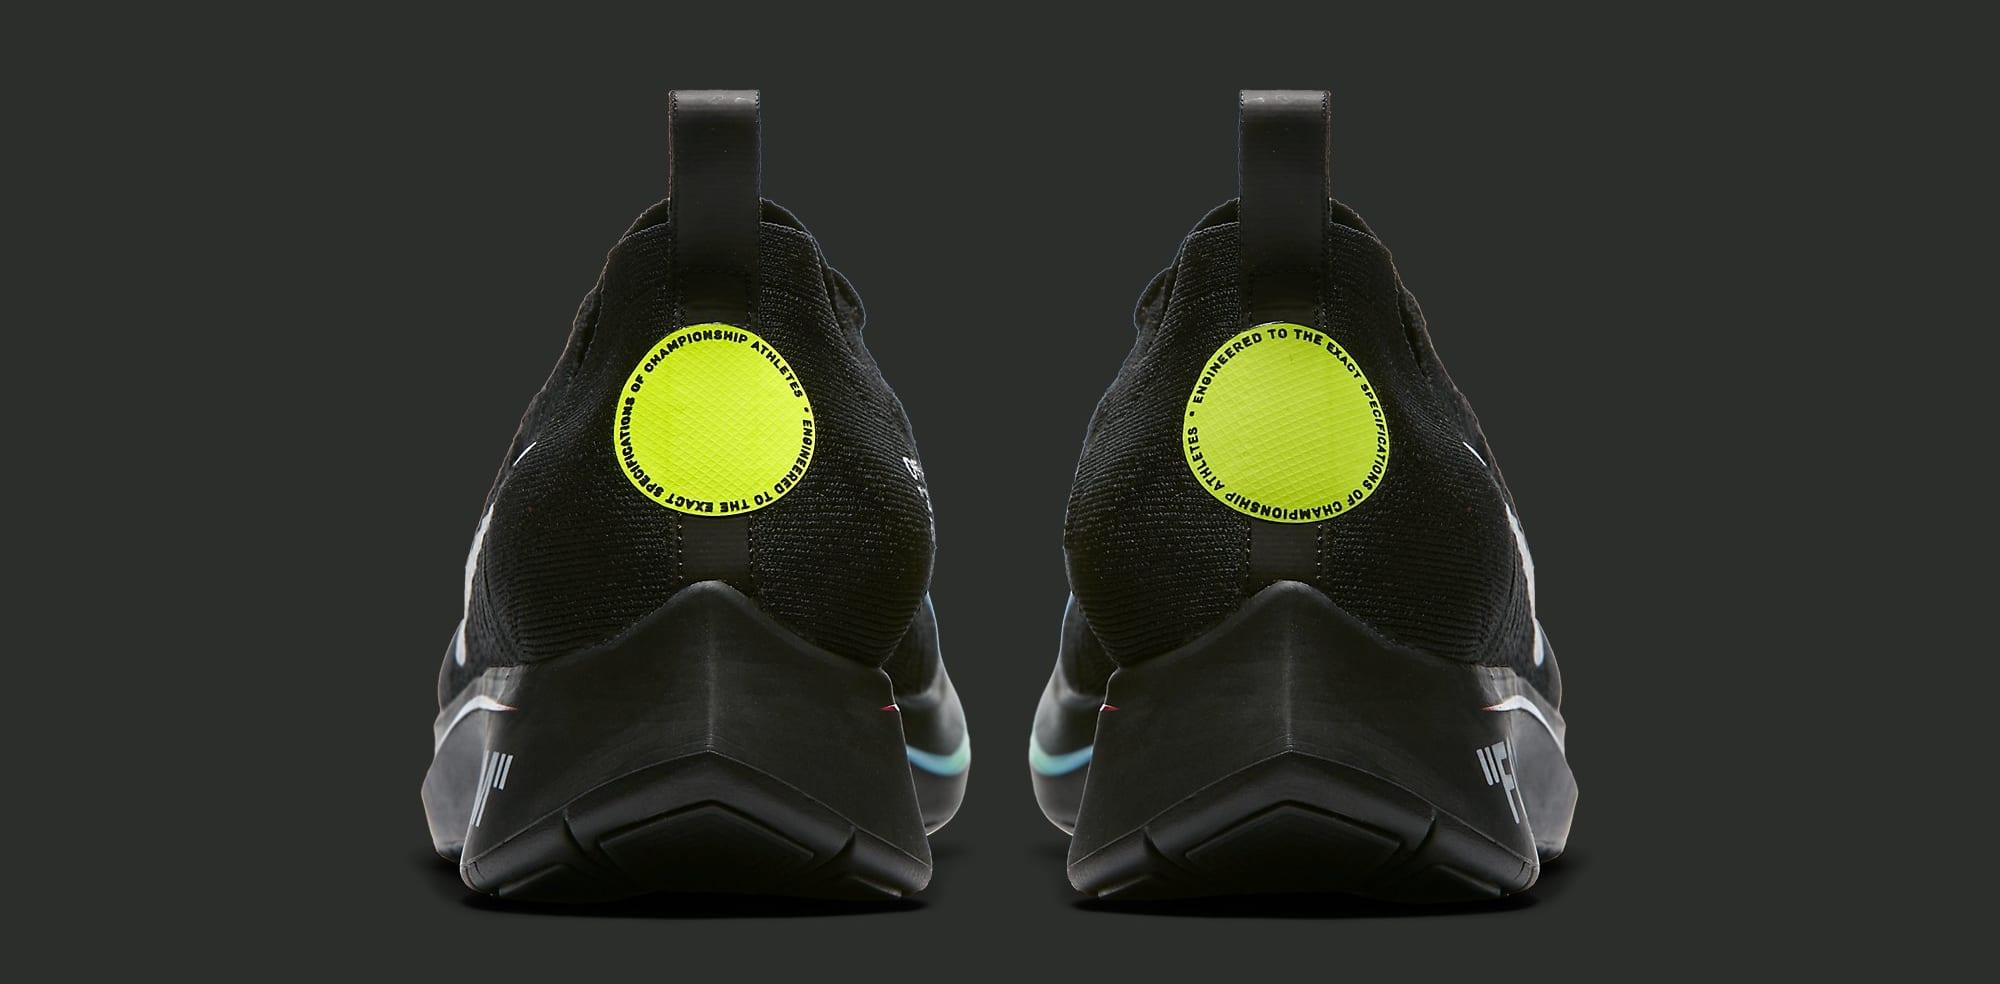 Off-White x Nike Zoom Fly Mercurial Flyknit 'Black' AO2115-001 (Heel)